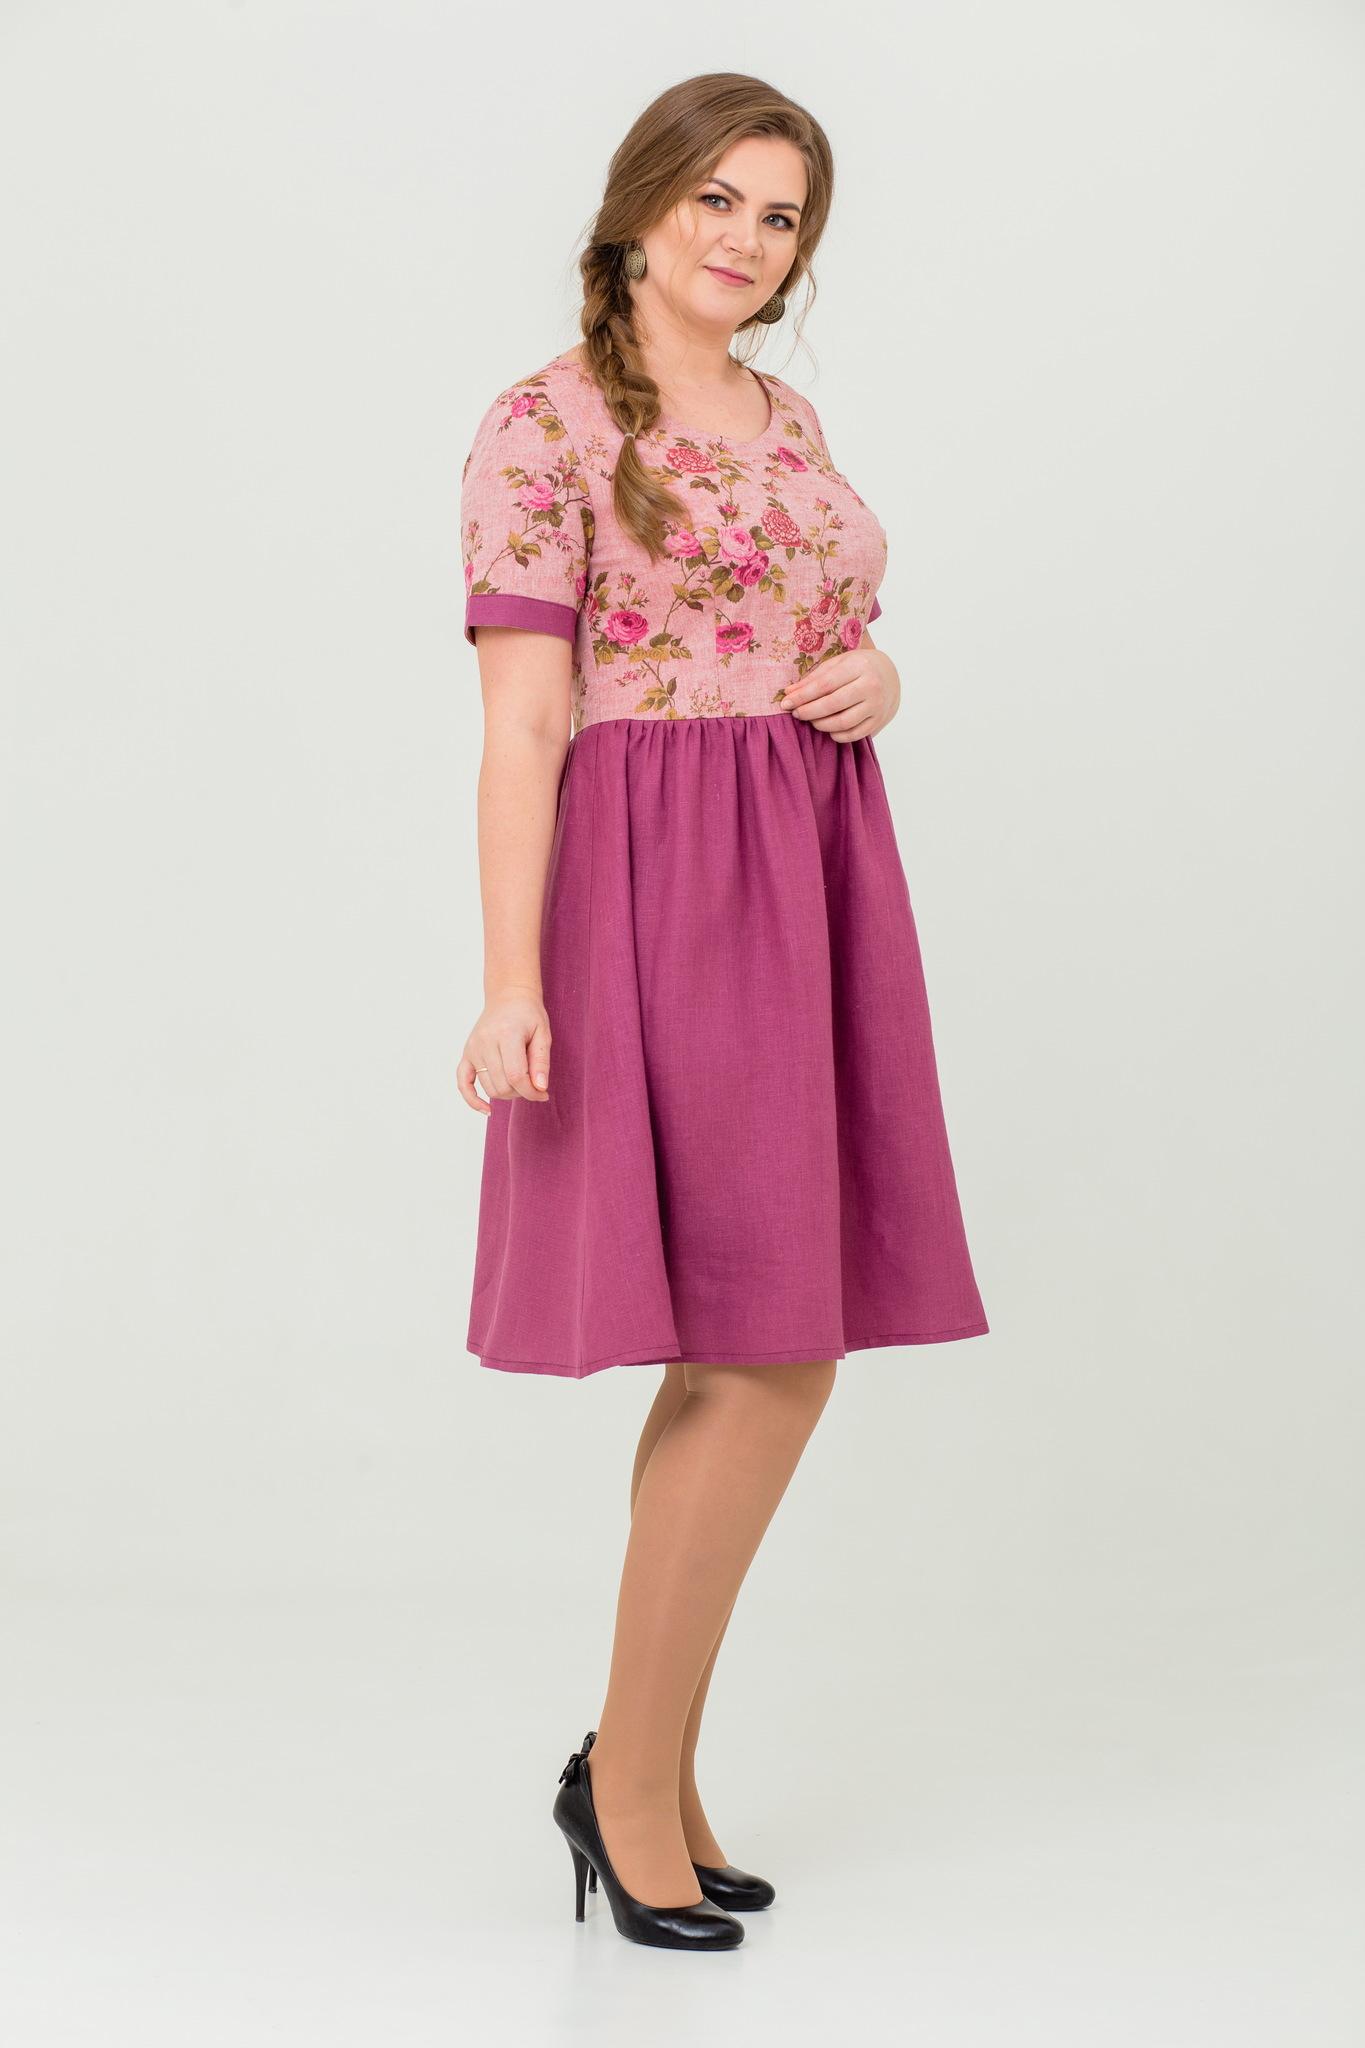 льняное платье Розовый бутон в русском стиле